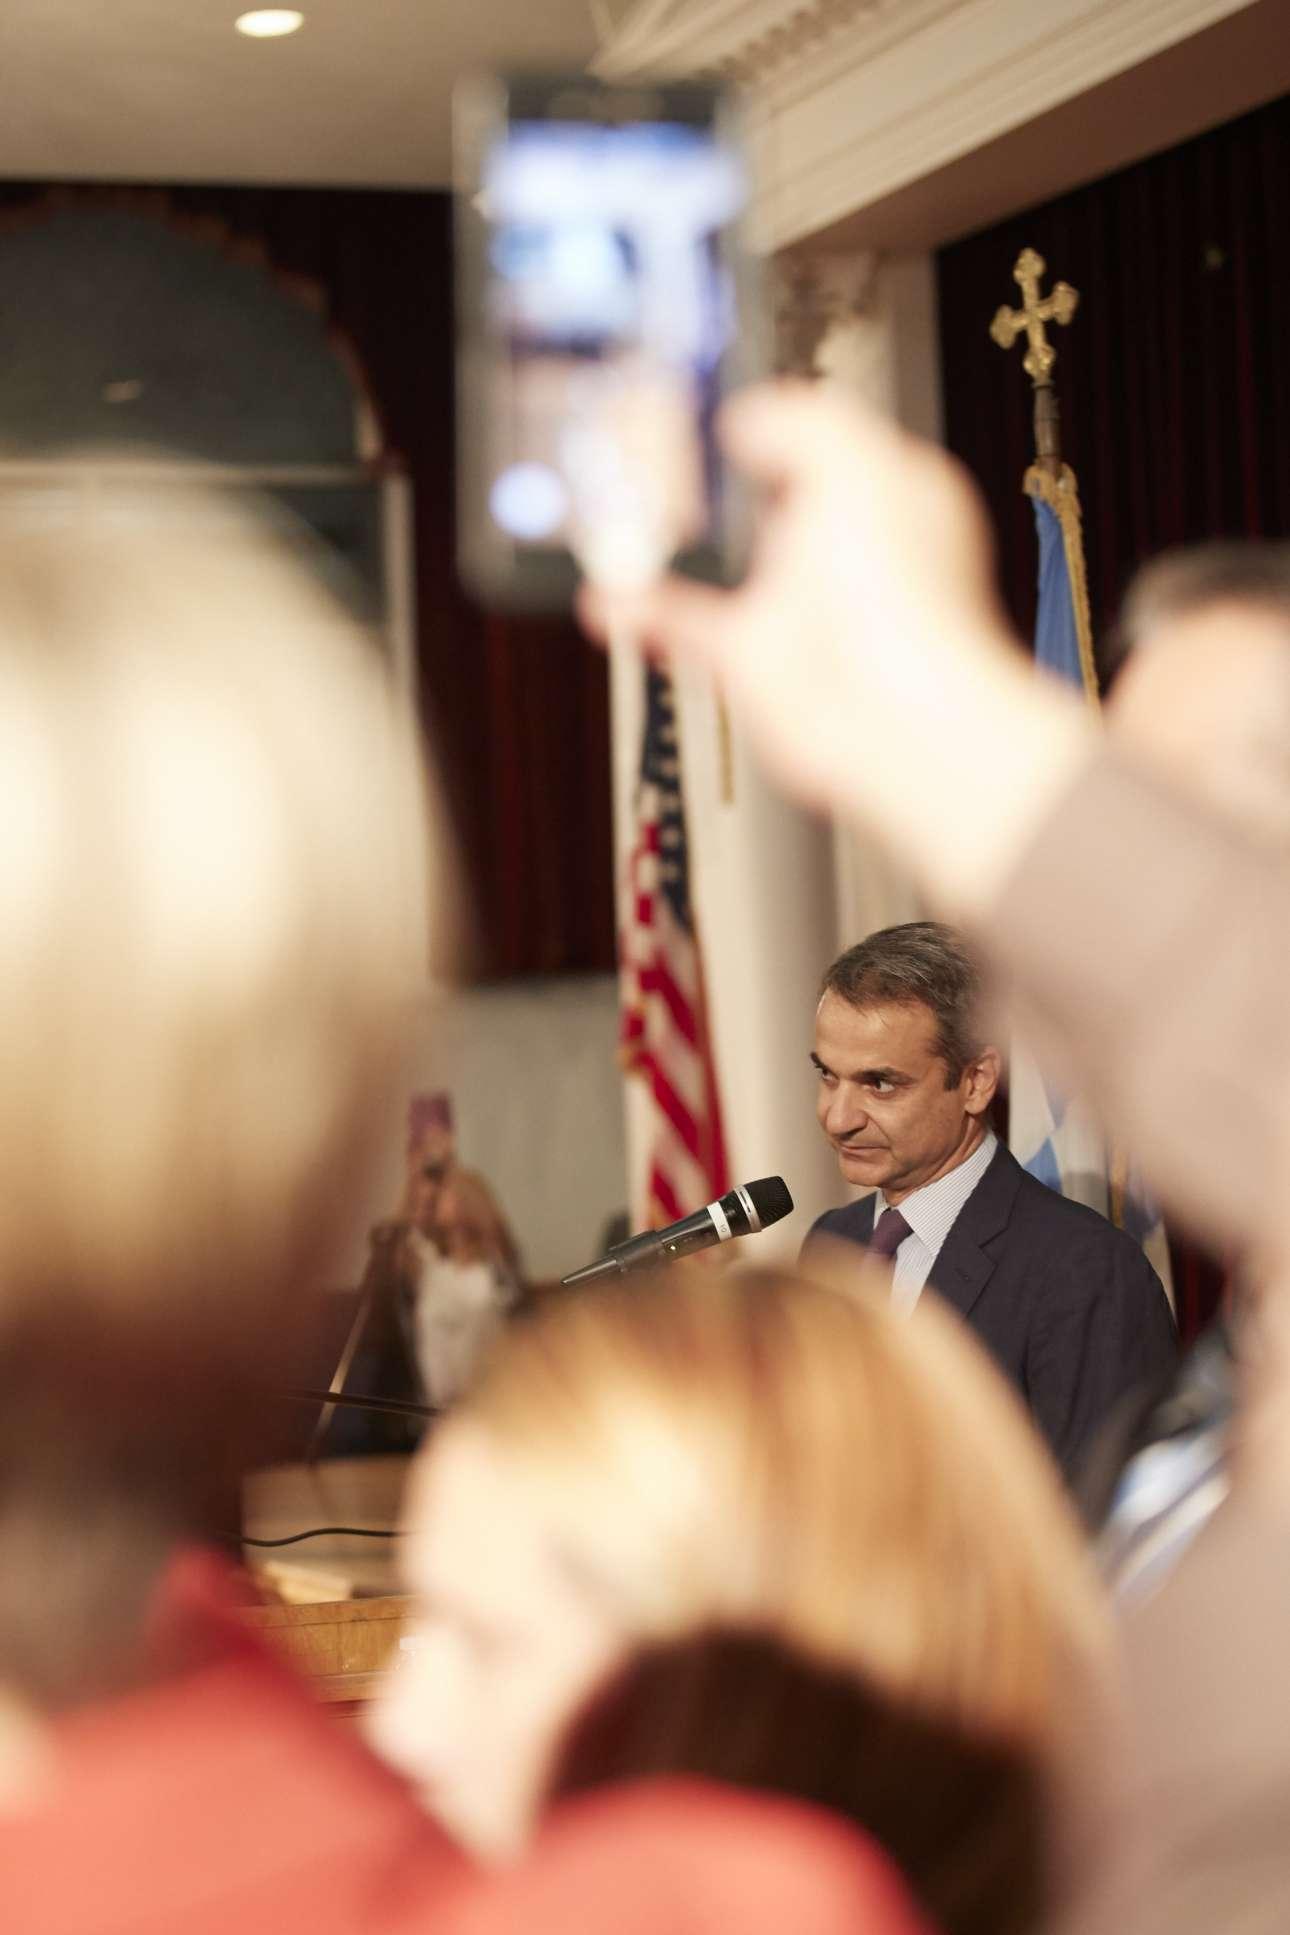 Ο Πρωθυπουργός διακρίνεται στην ομιλία του προς τους ομογενείς στην Αστόρια το βράδυ της Τετάρτης, 25 Σεπτεμβρίου